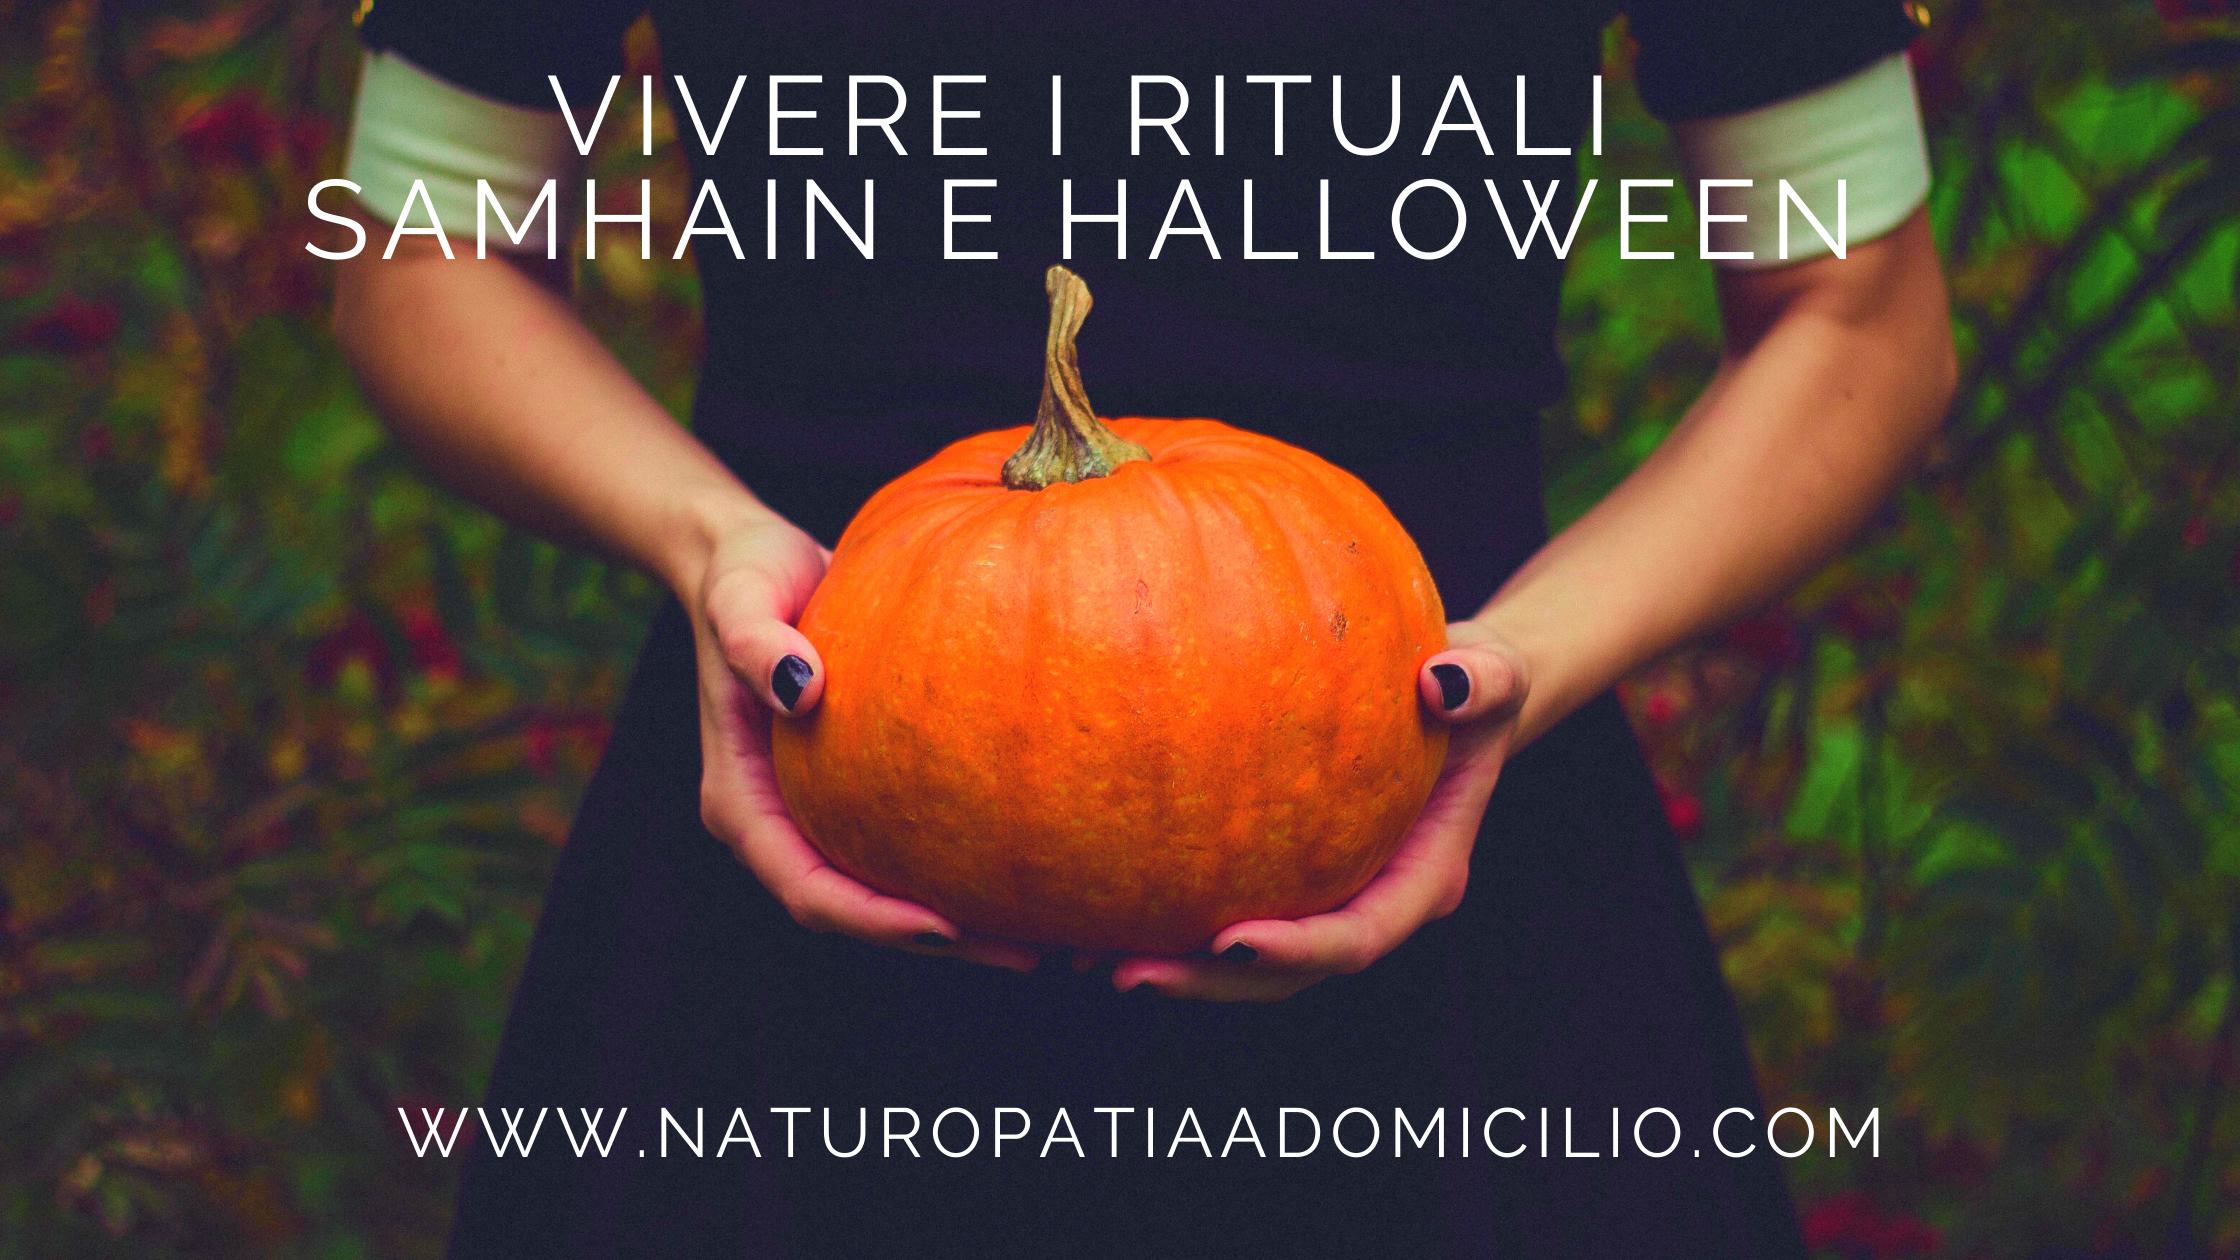 Vivere I Rituali: Samhain E Halloween